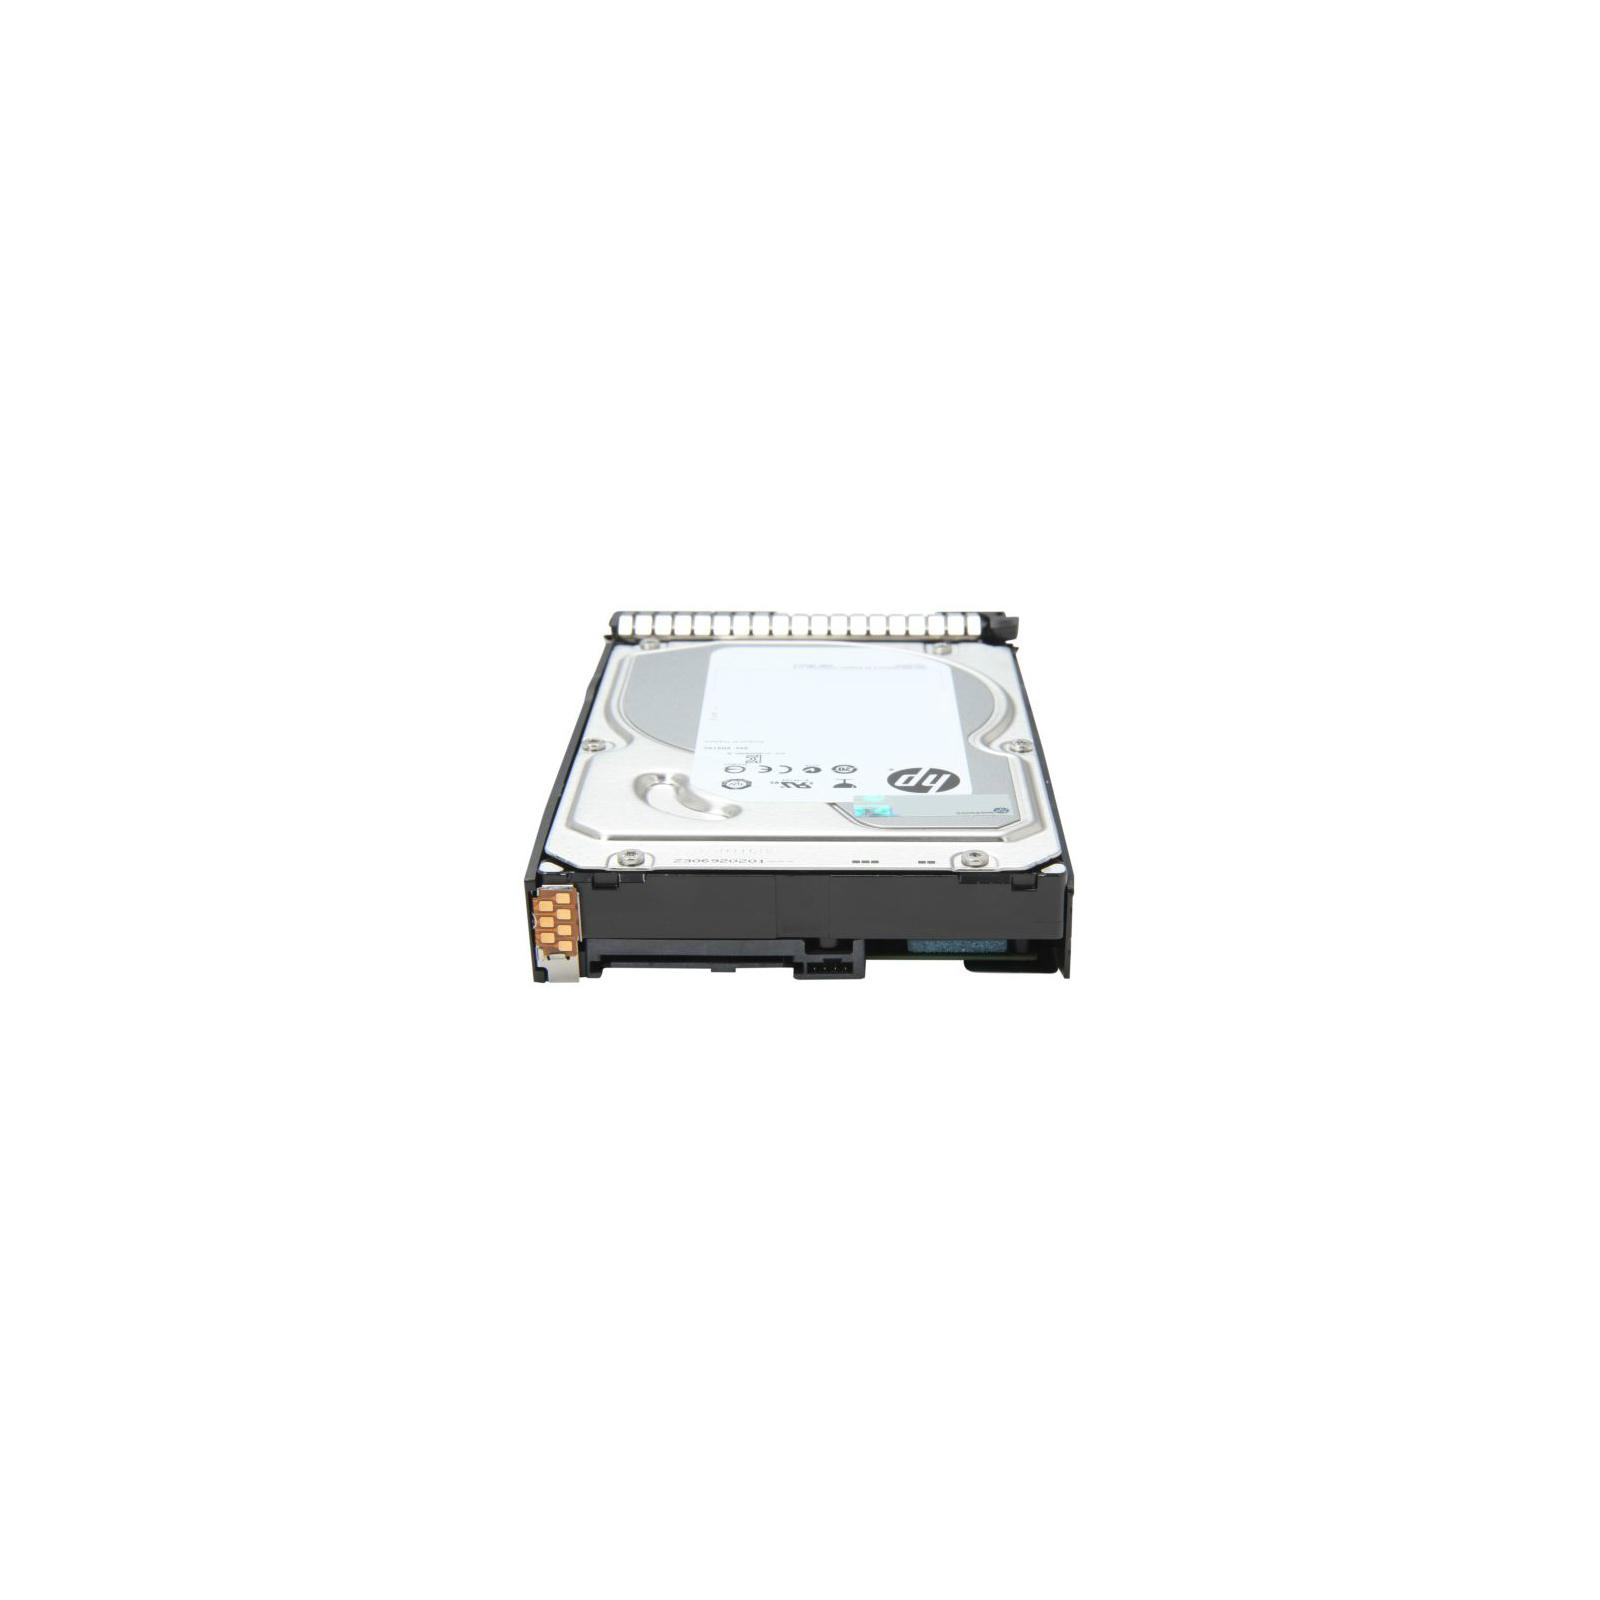 Жесткий диск для сервера HP 1TB (652753-B21) изображение 4